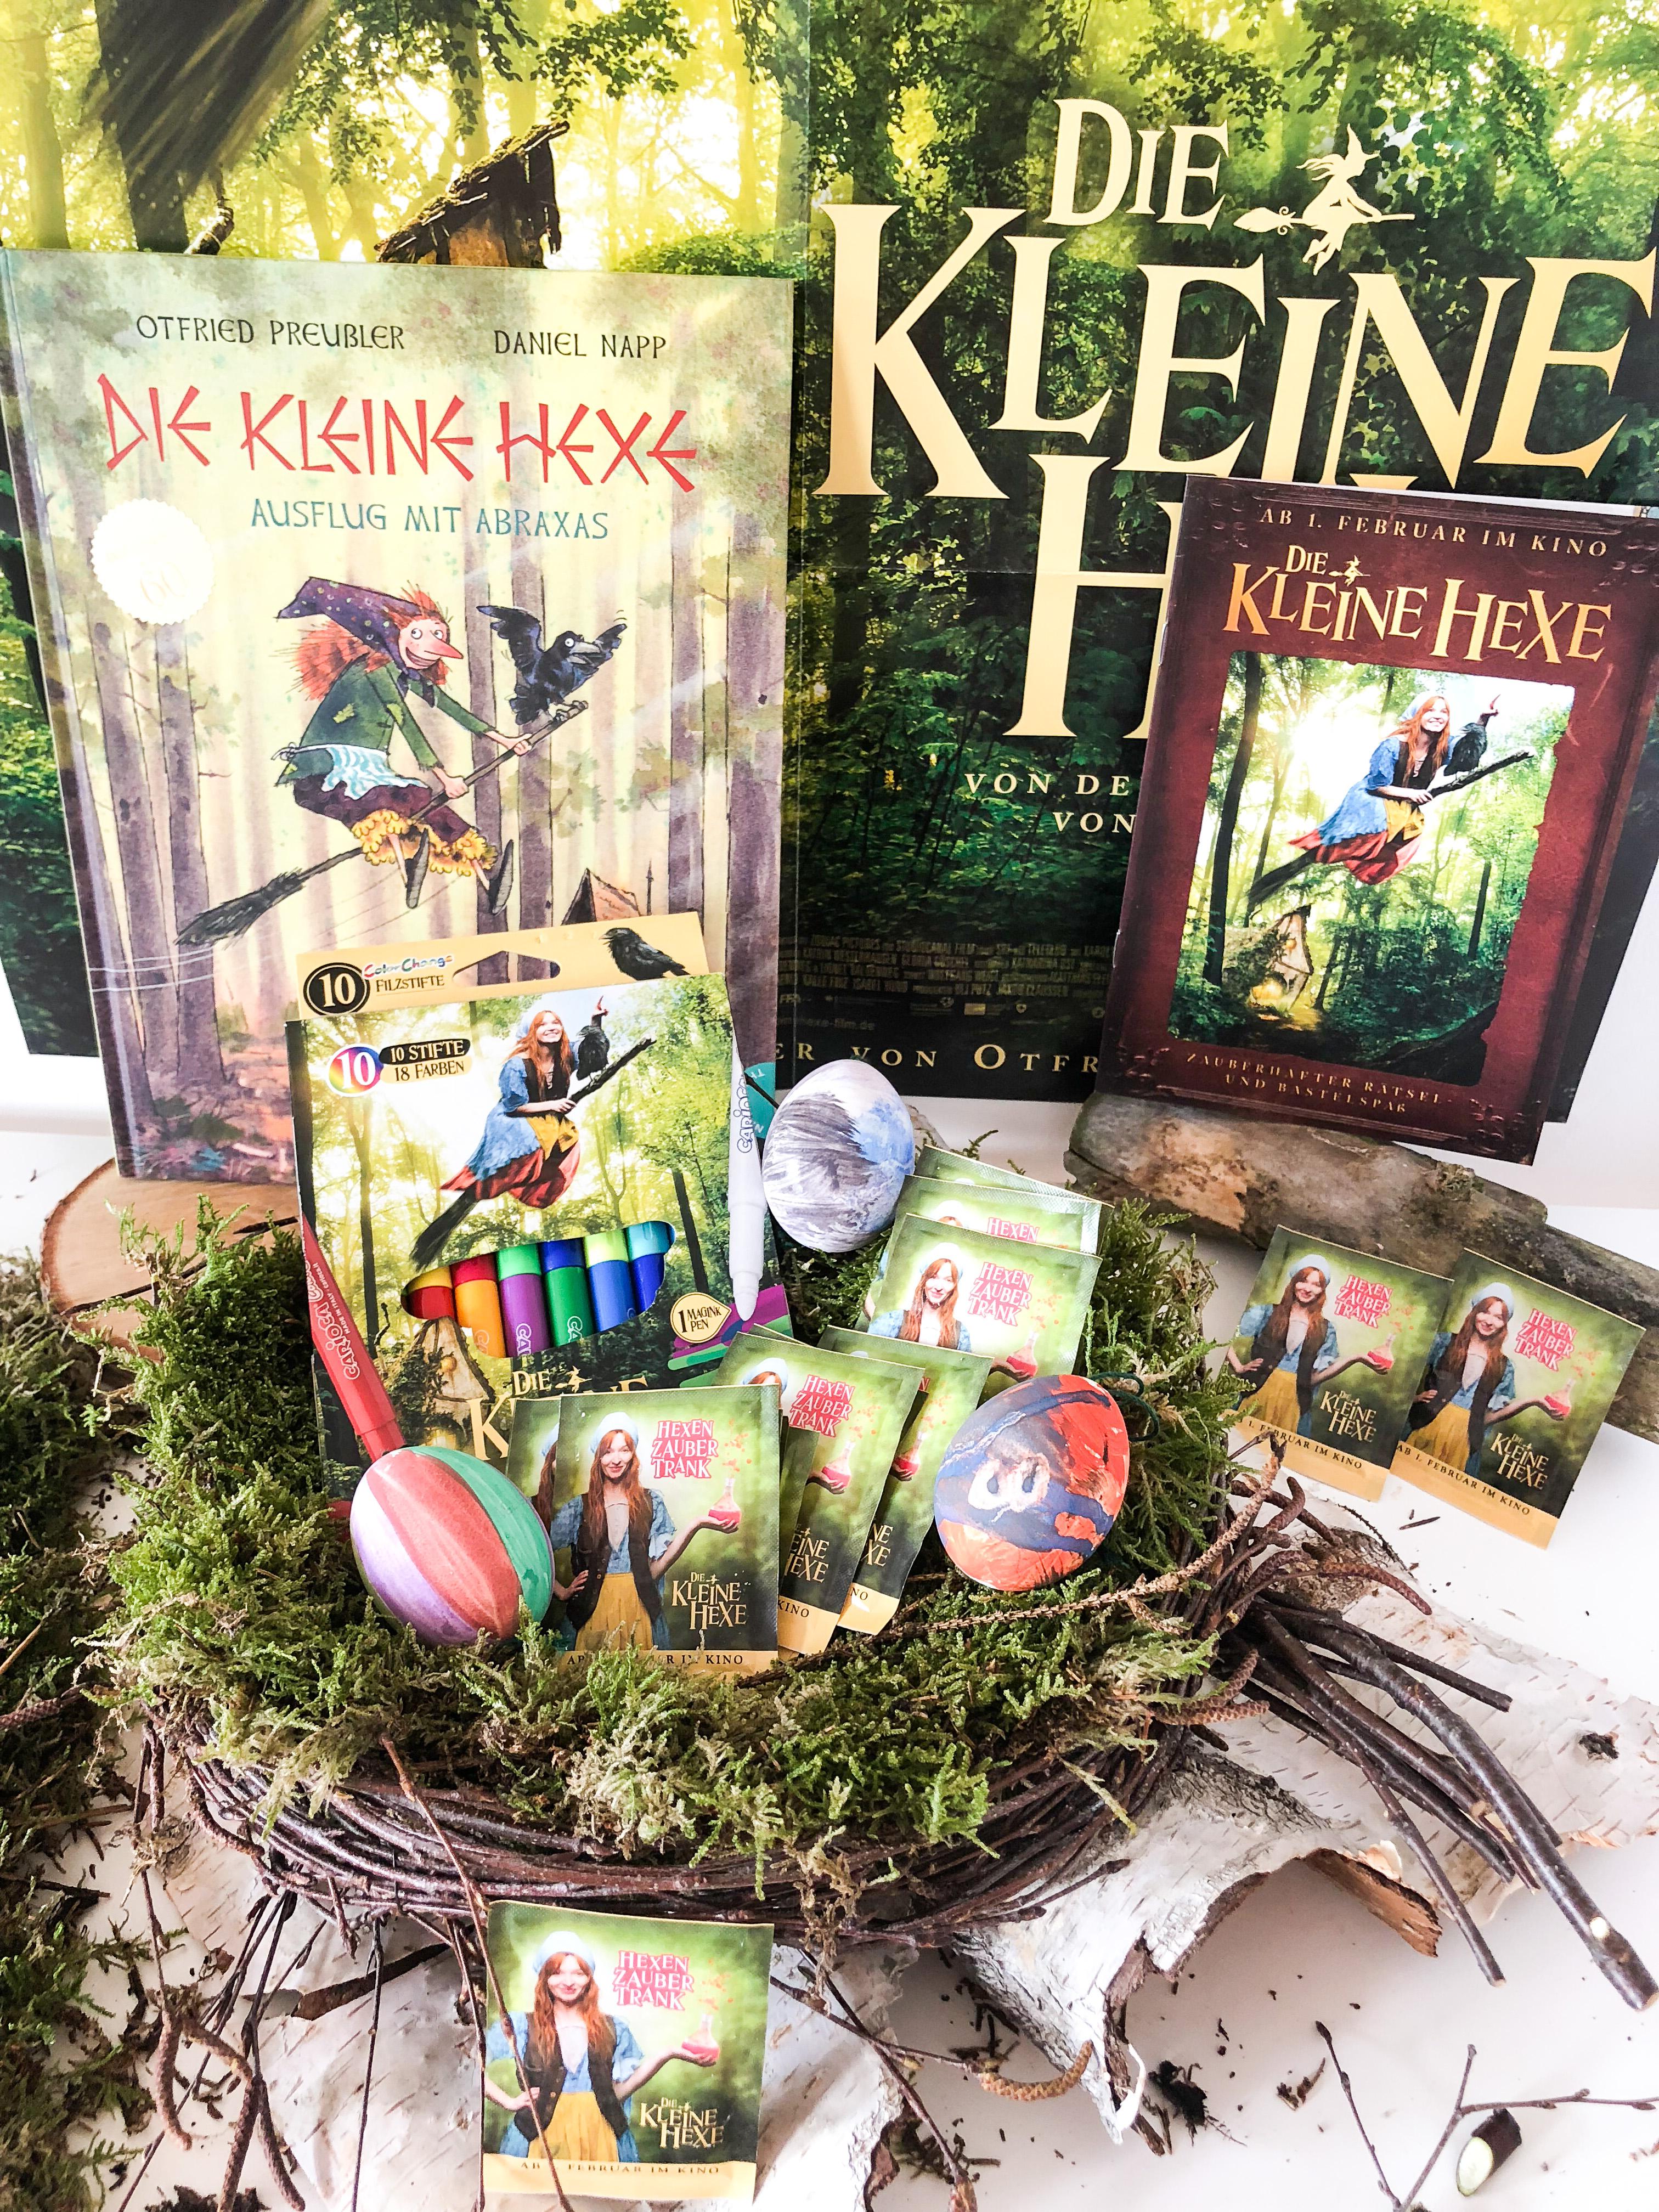 DIY Osternest aus Wald Materialien und Osterverlosung Die Kleine Hexe